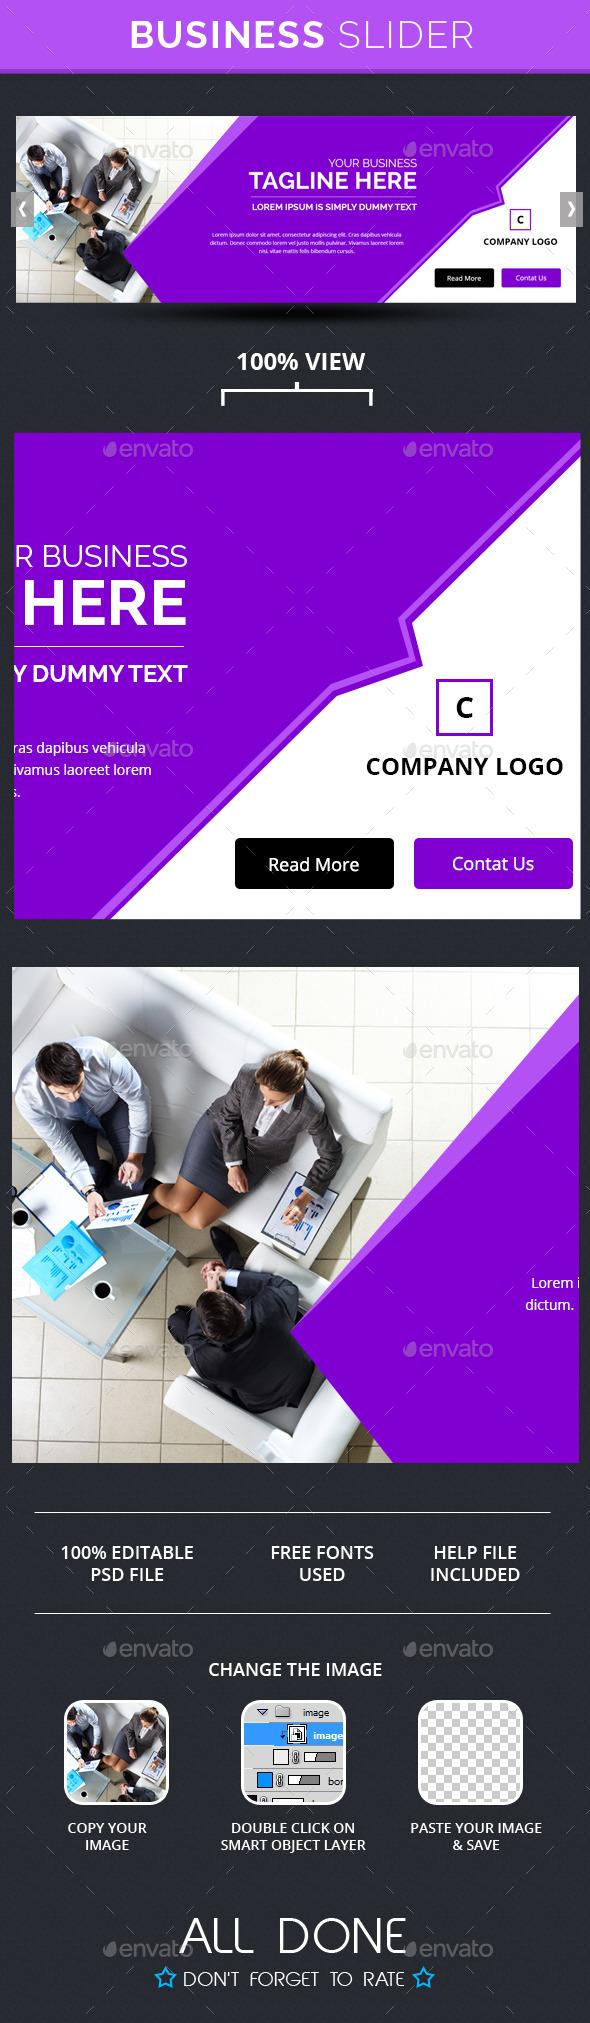 Business Slide V5 - Sliders & Features Web Elements